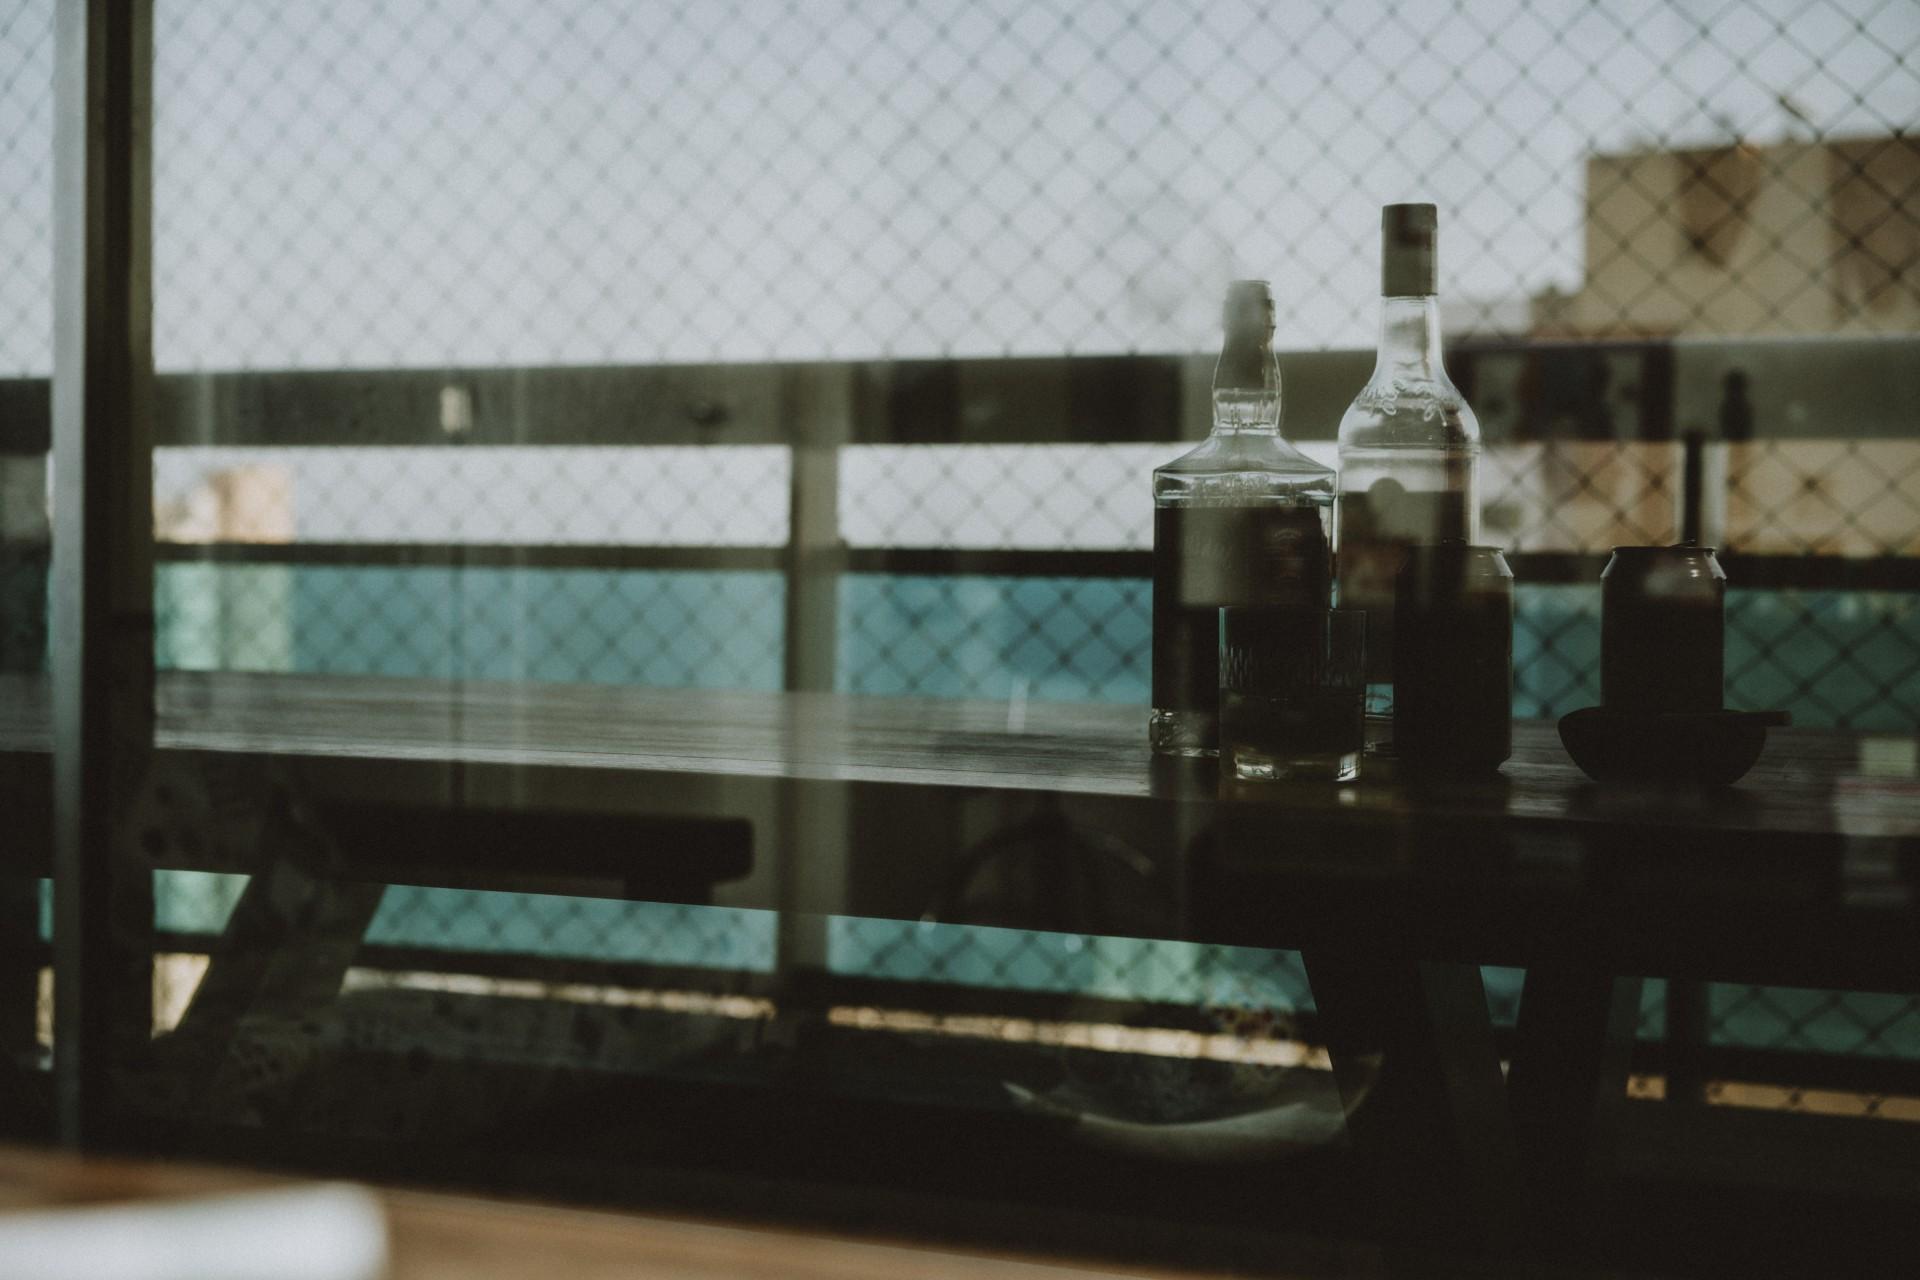 FORTALEZA - CE, BRASIL, 22-09-2020: Consumo de bebidas alcoólicas aumentou durante o período de isolamento social